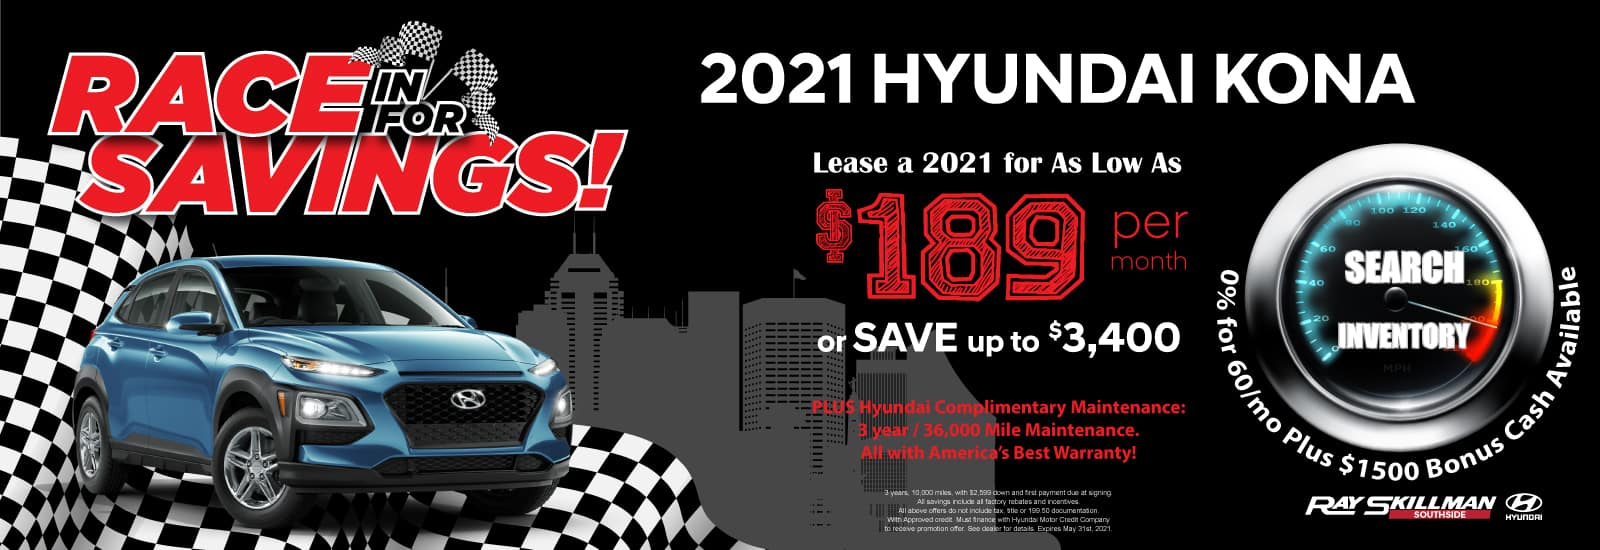 2021-Hyundai-Kona-Web-Banner-May